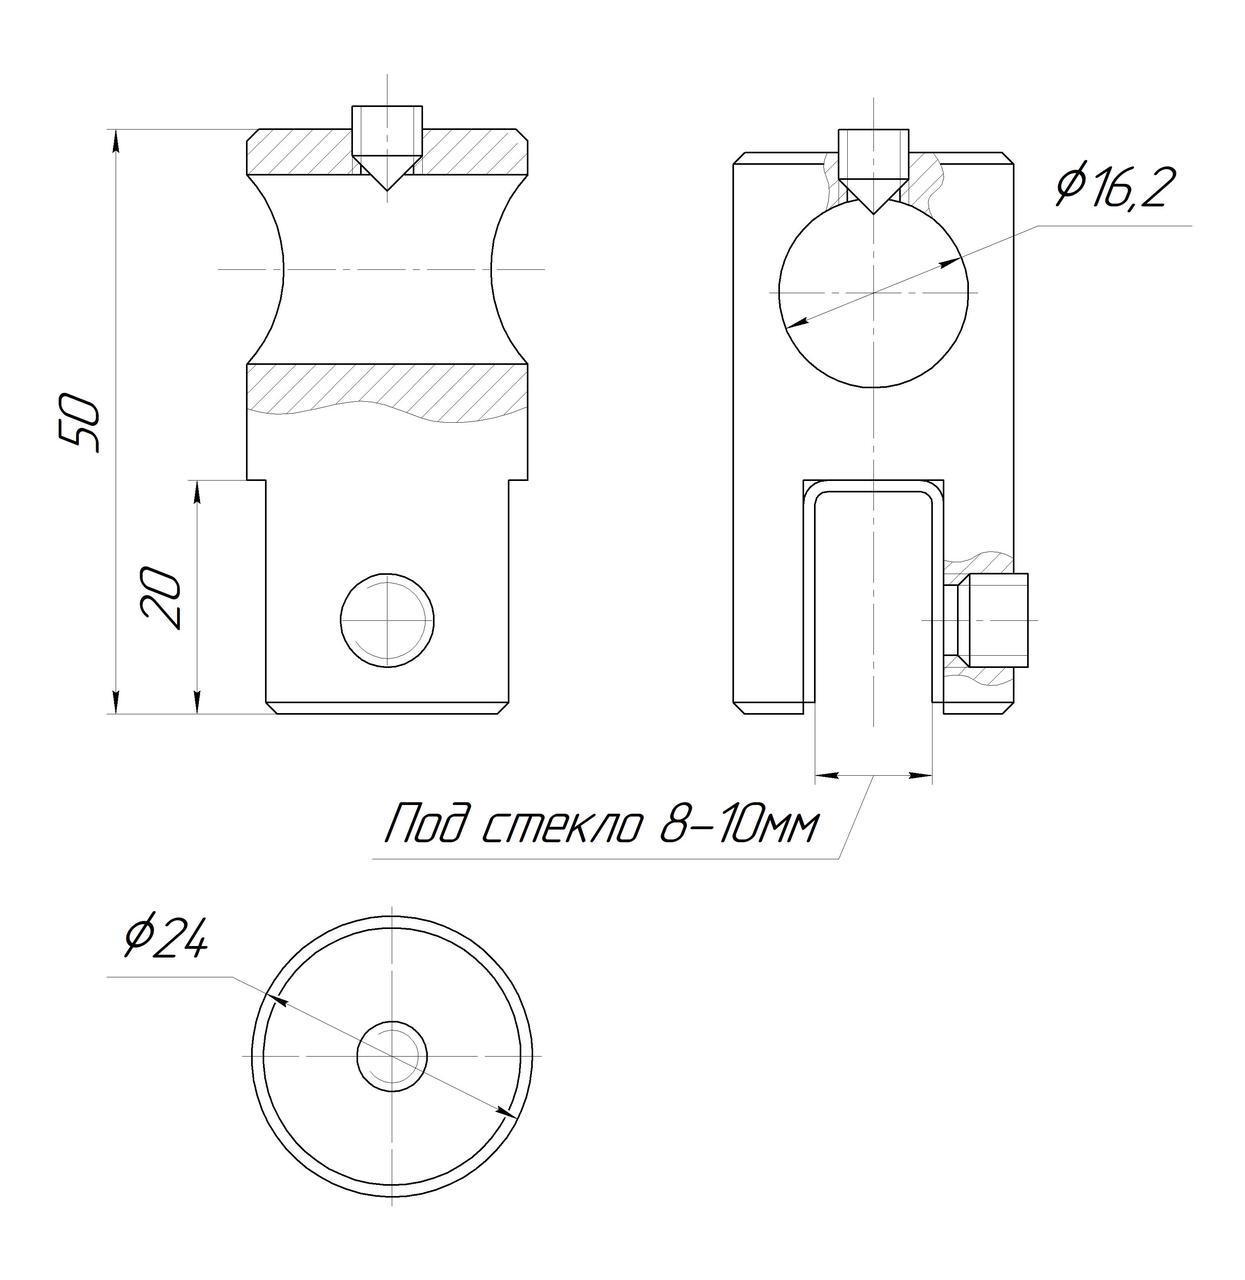 ODF-09-16-02 Крепление штанги 16 мм к стеклу накидное, продольное, сквозное, полированное